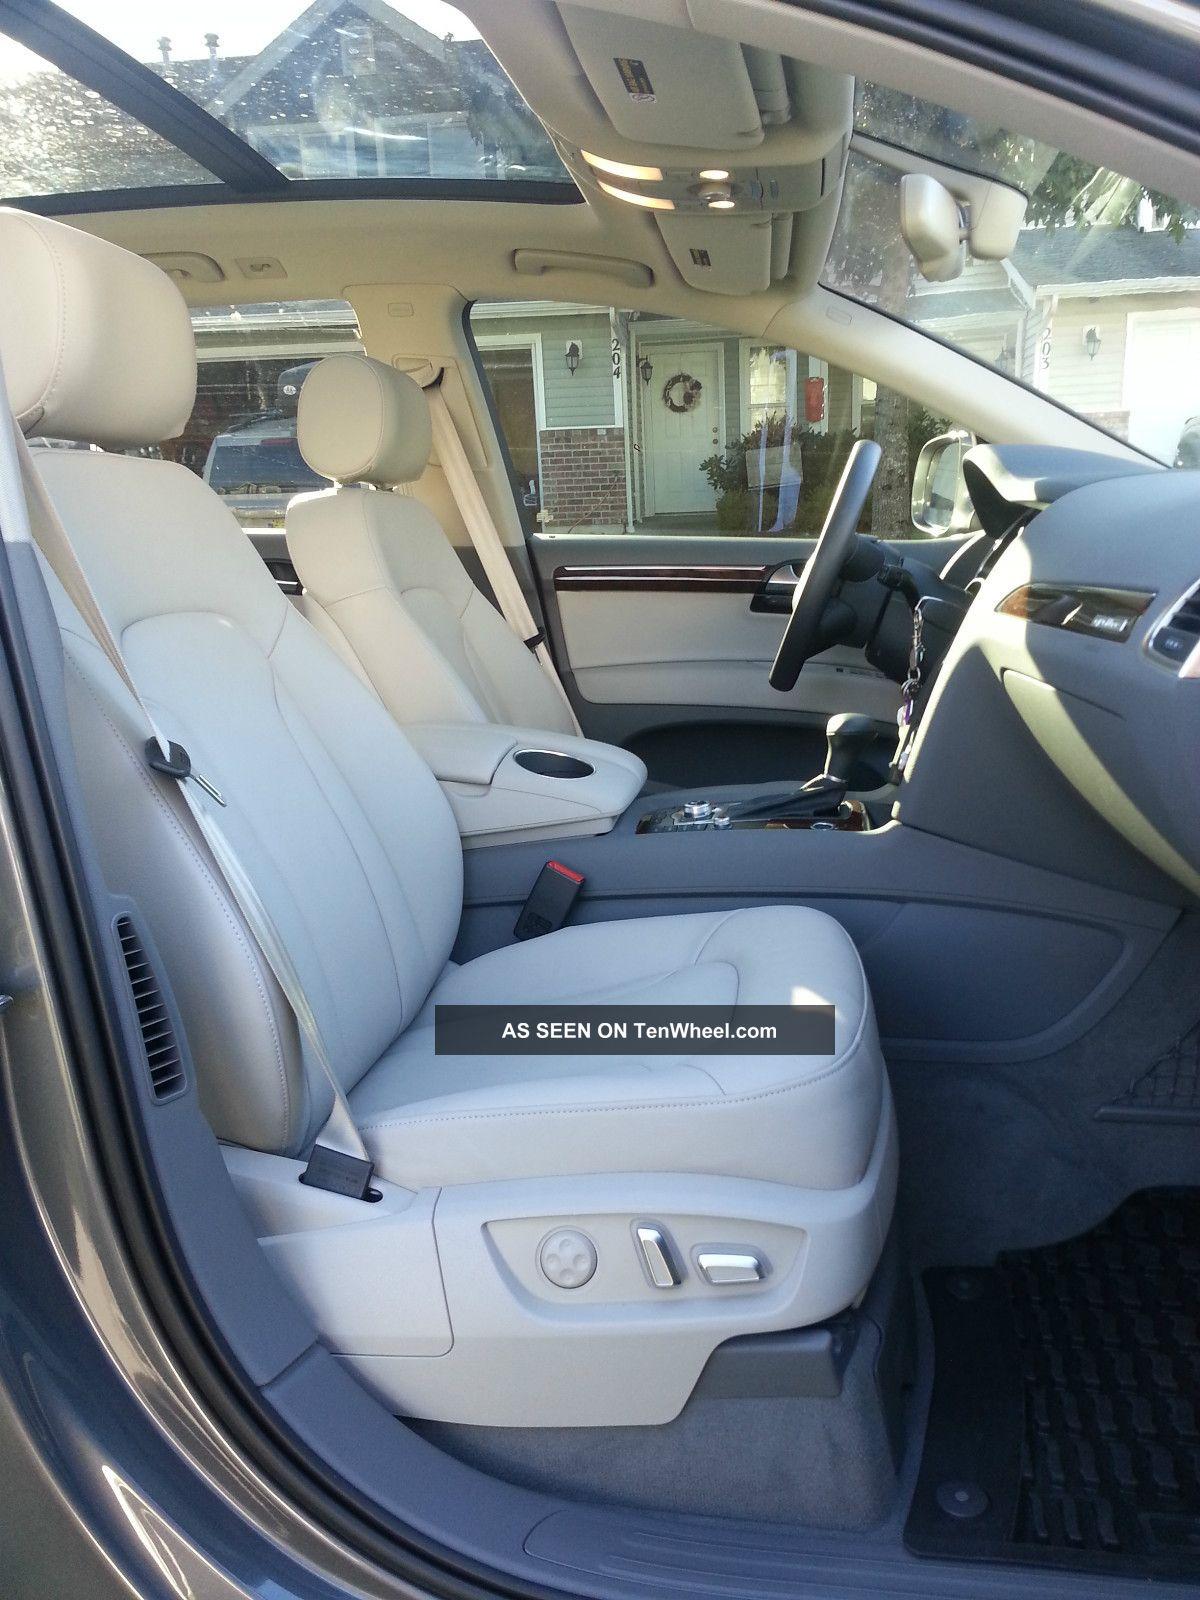 2012 Audi Q7 Tdi Diesel Premium Plus Quattro, Of 4 Years